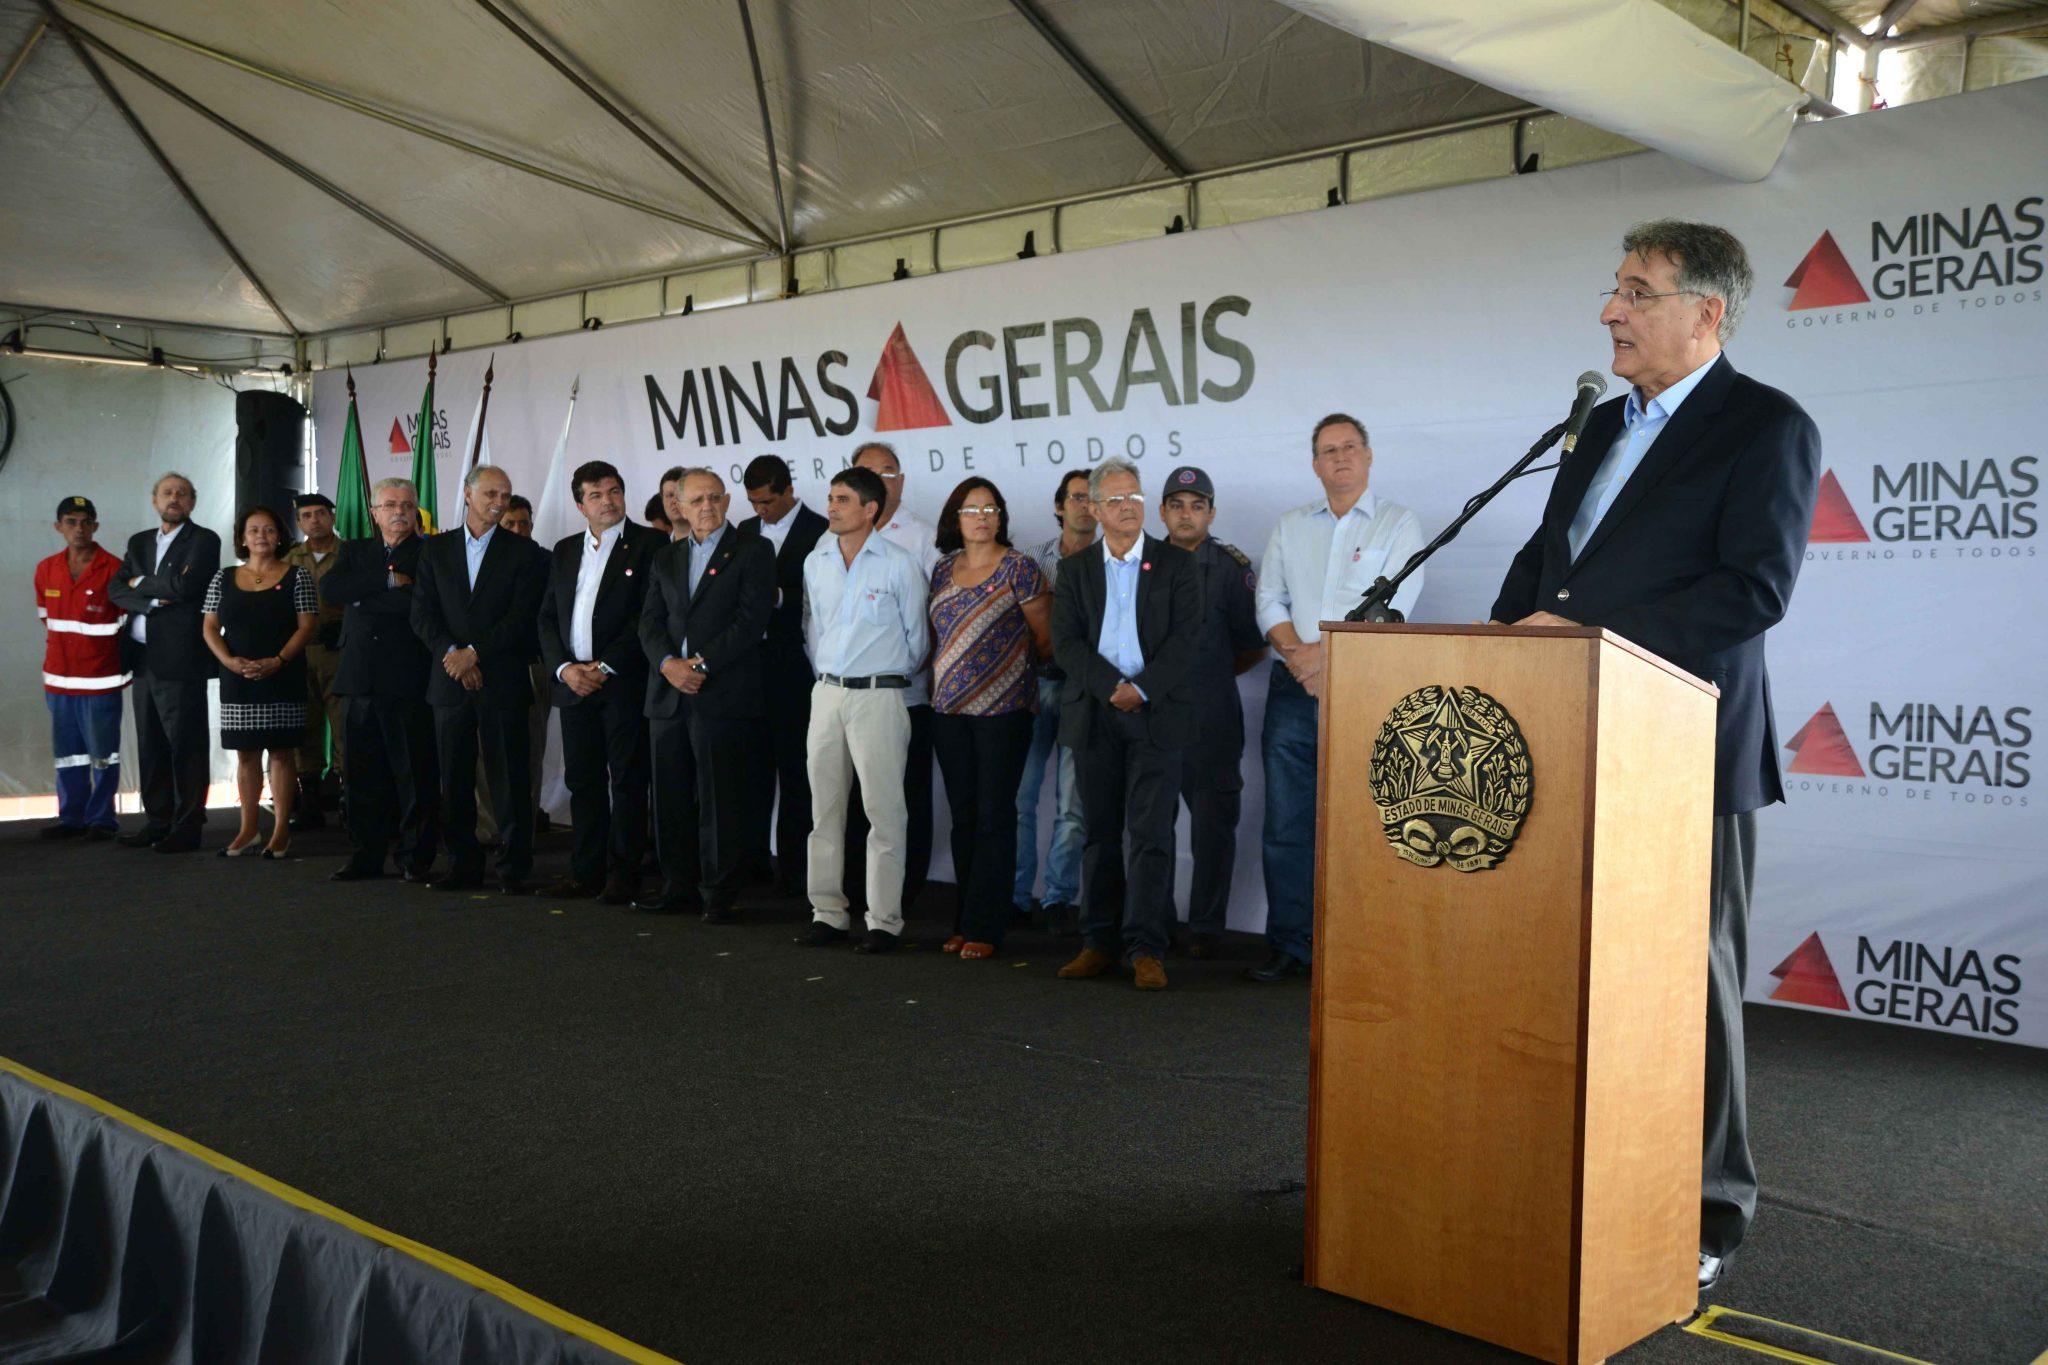 GOVERNADOR FERNANDO PIMENTEL INAUGURA RODOVIA ENTRE SERRA DO SALITRE E RIO PARANAÍBA